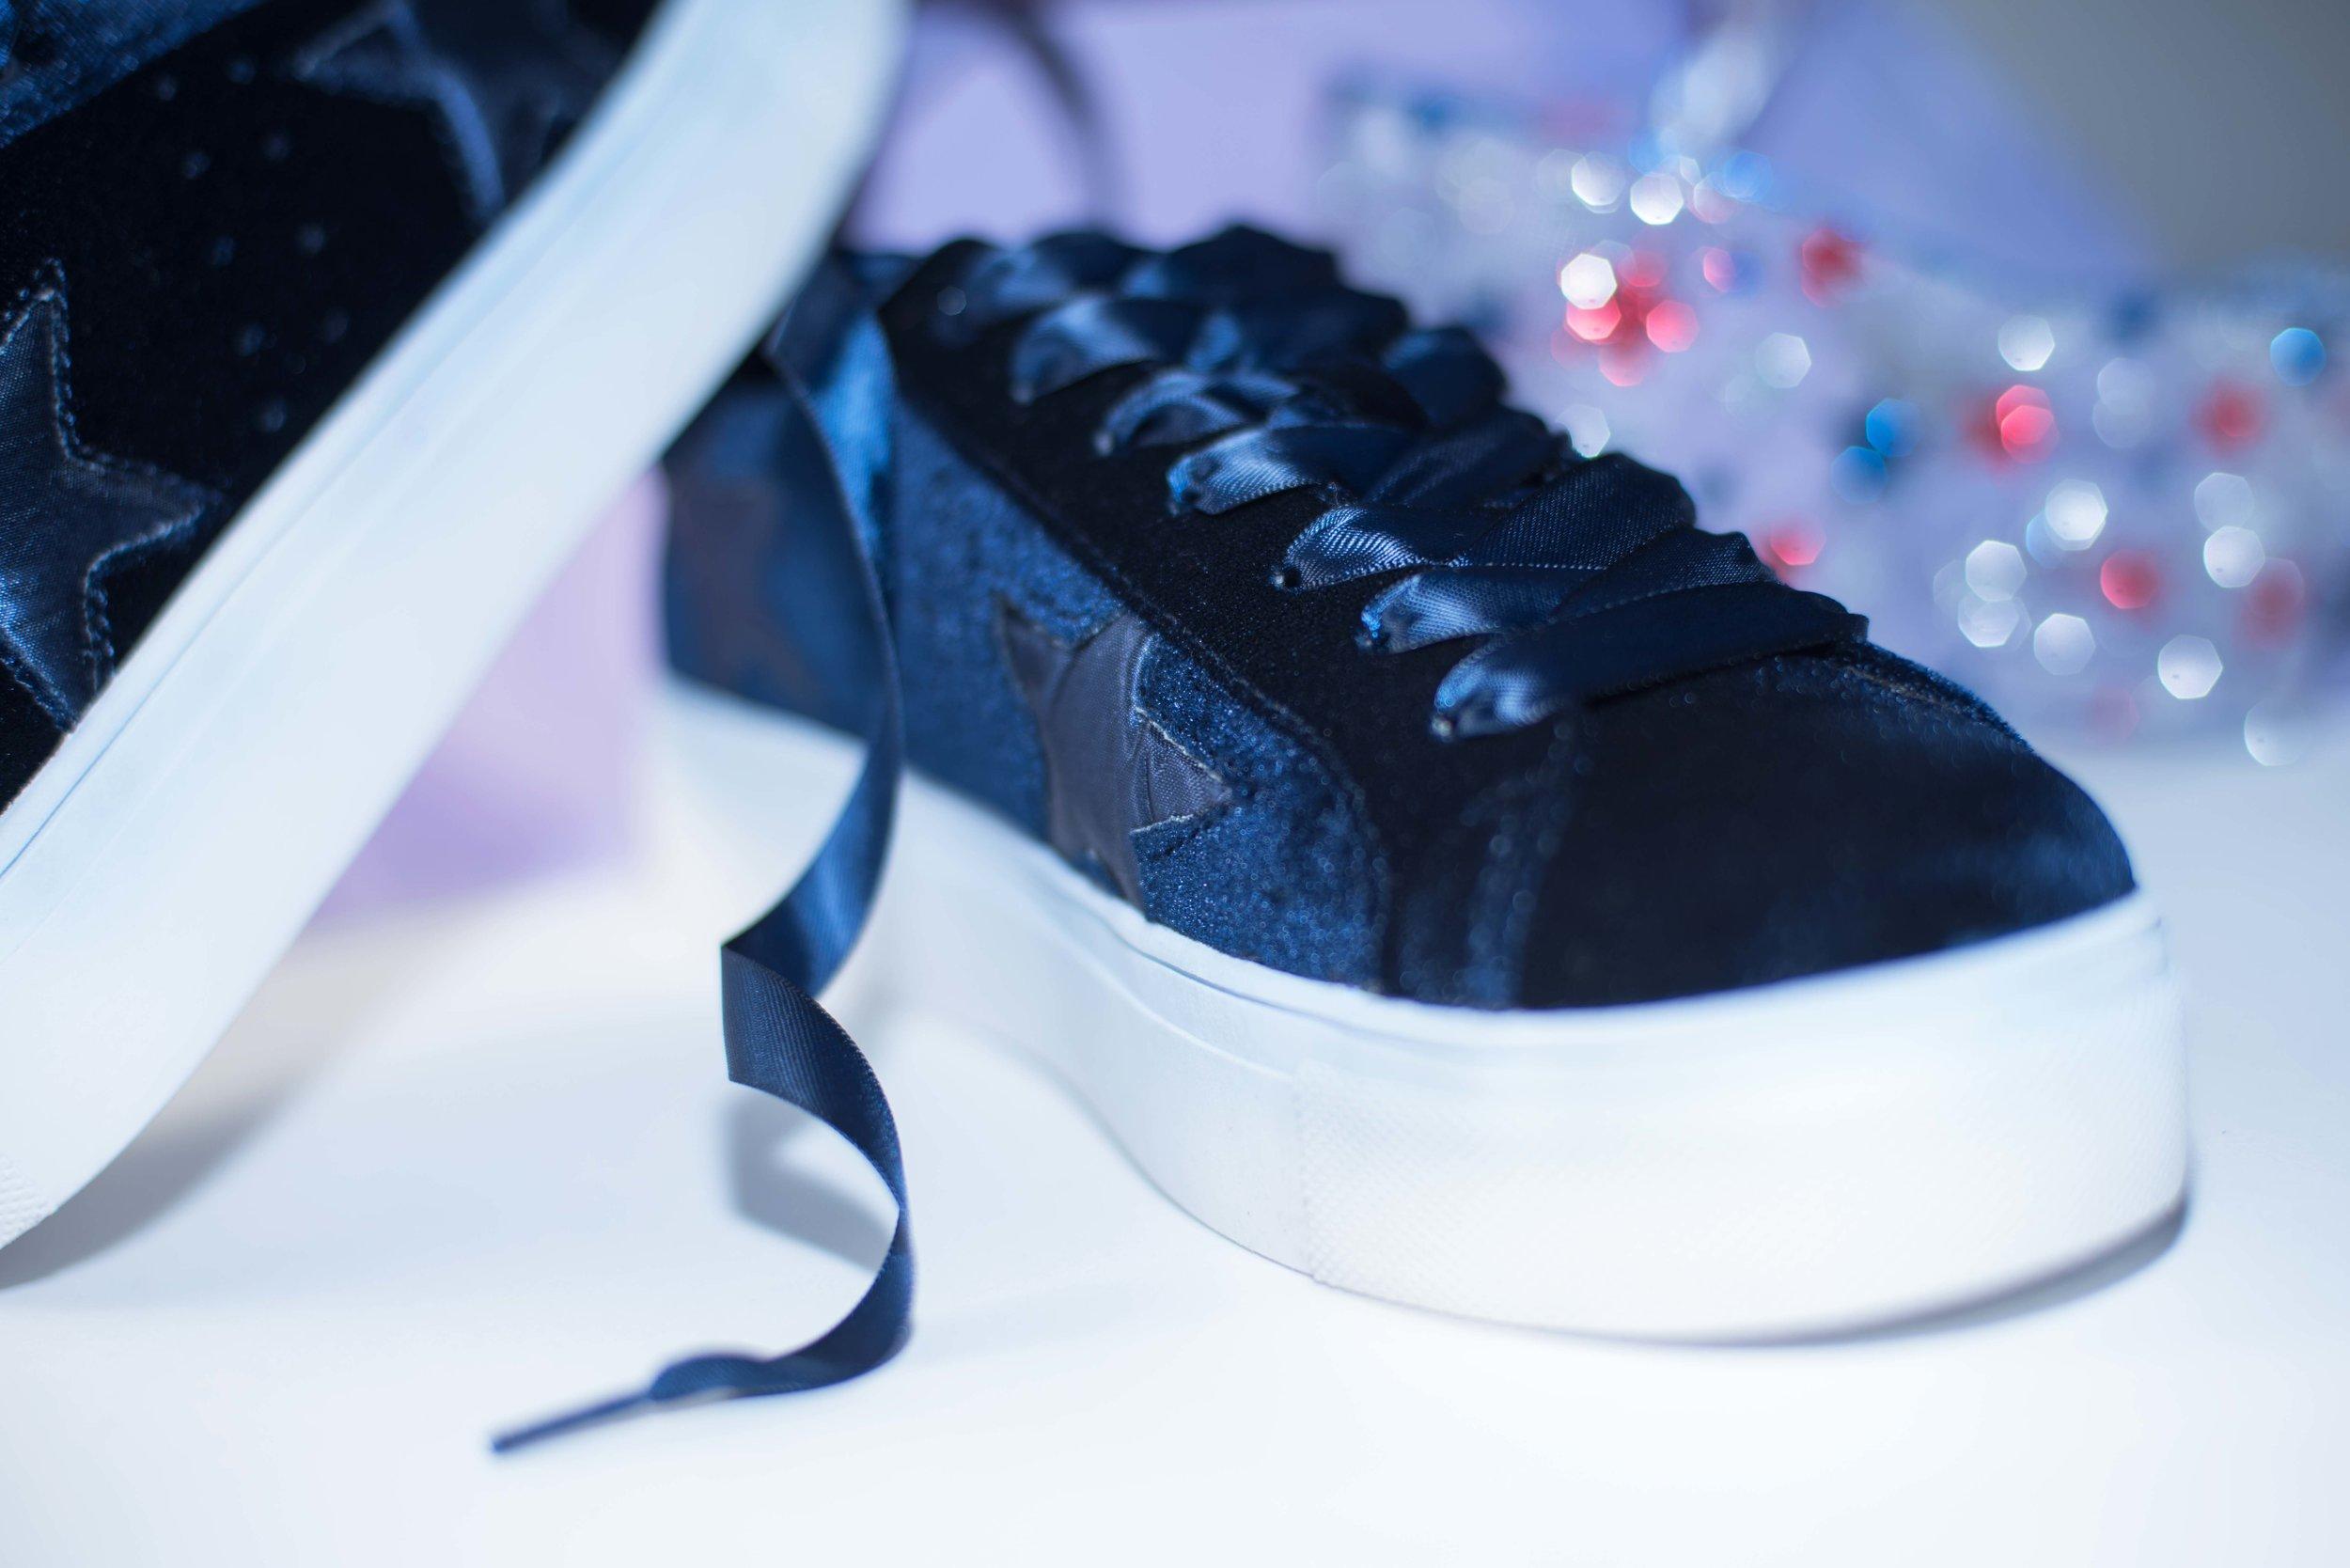 07.31.18_MaddenGirlStarSneaker-141.jpg